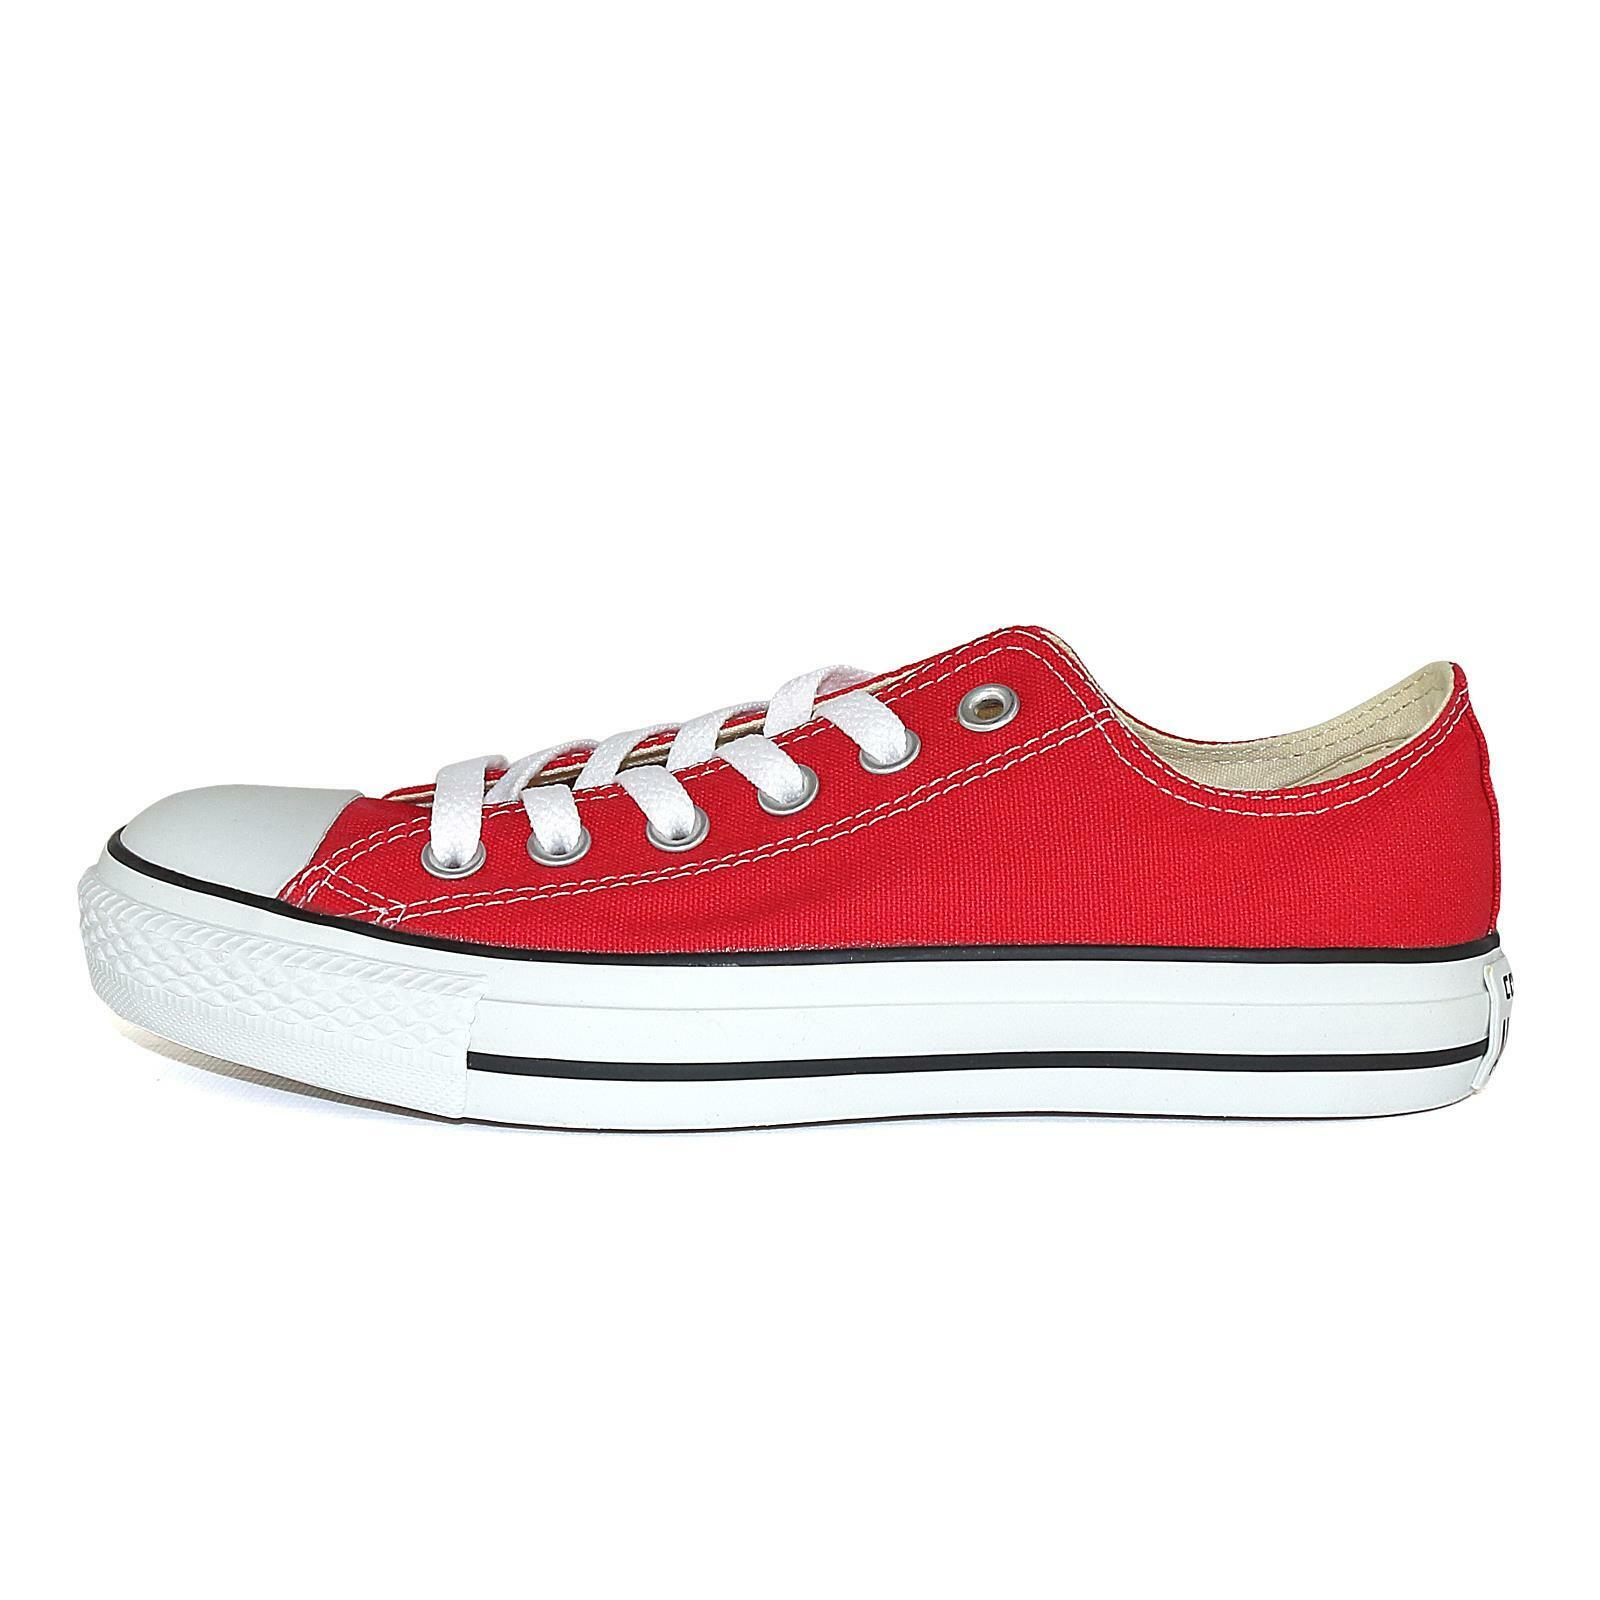 Converse Chuck Taylor All Star Star Star Ox cortos Unisex zapatos m9696c, rojo, 50664  ofreciendo 100%